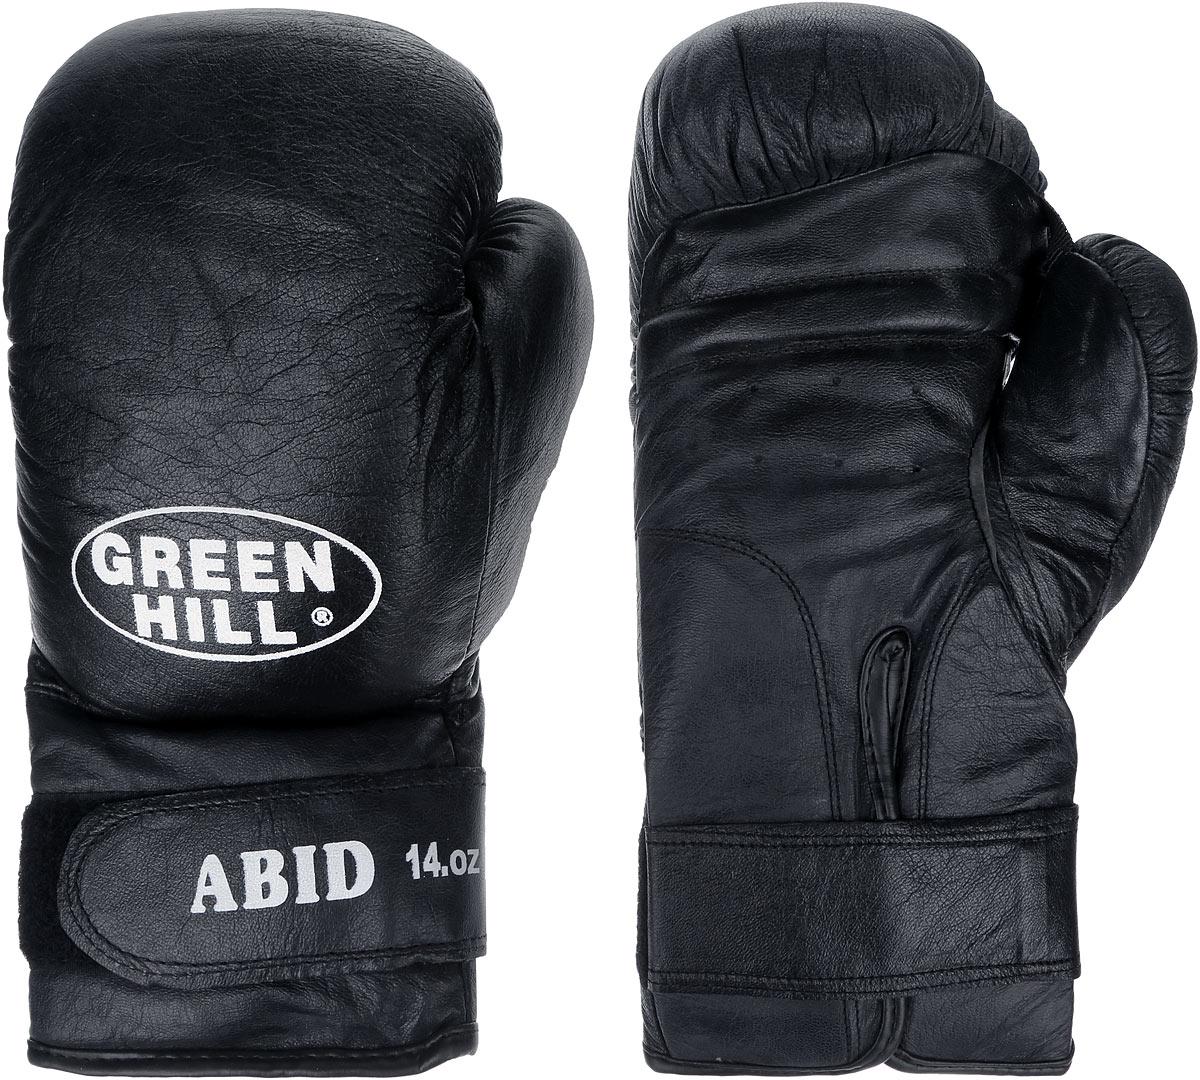 Перчатки боксерские Green Hill Abid, цвет: черный, белый. Вес 14 унцийWRA523700Боксерские тренировочные перчатки Green Hill Abid выполнены из натуральной кожи. Они отлично подойдут для начинающих спортсменов. Мягкий наполнитель из очеса предотвращает любые травмы. Отверстия в районе ладони обеспечивают вентиляцию. Широкий ремень, охватывая запястье, полностью оборачивается вокруг манжеты, благодаря чему создается дополнительная защита лучезапястного сустава от травмирования. Застежка на липучке способствует быстрому и удобному одеванию перчаток, плотно фиксирует перчатки на руке.